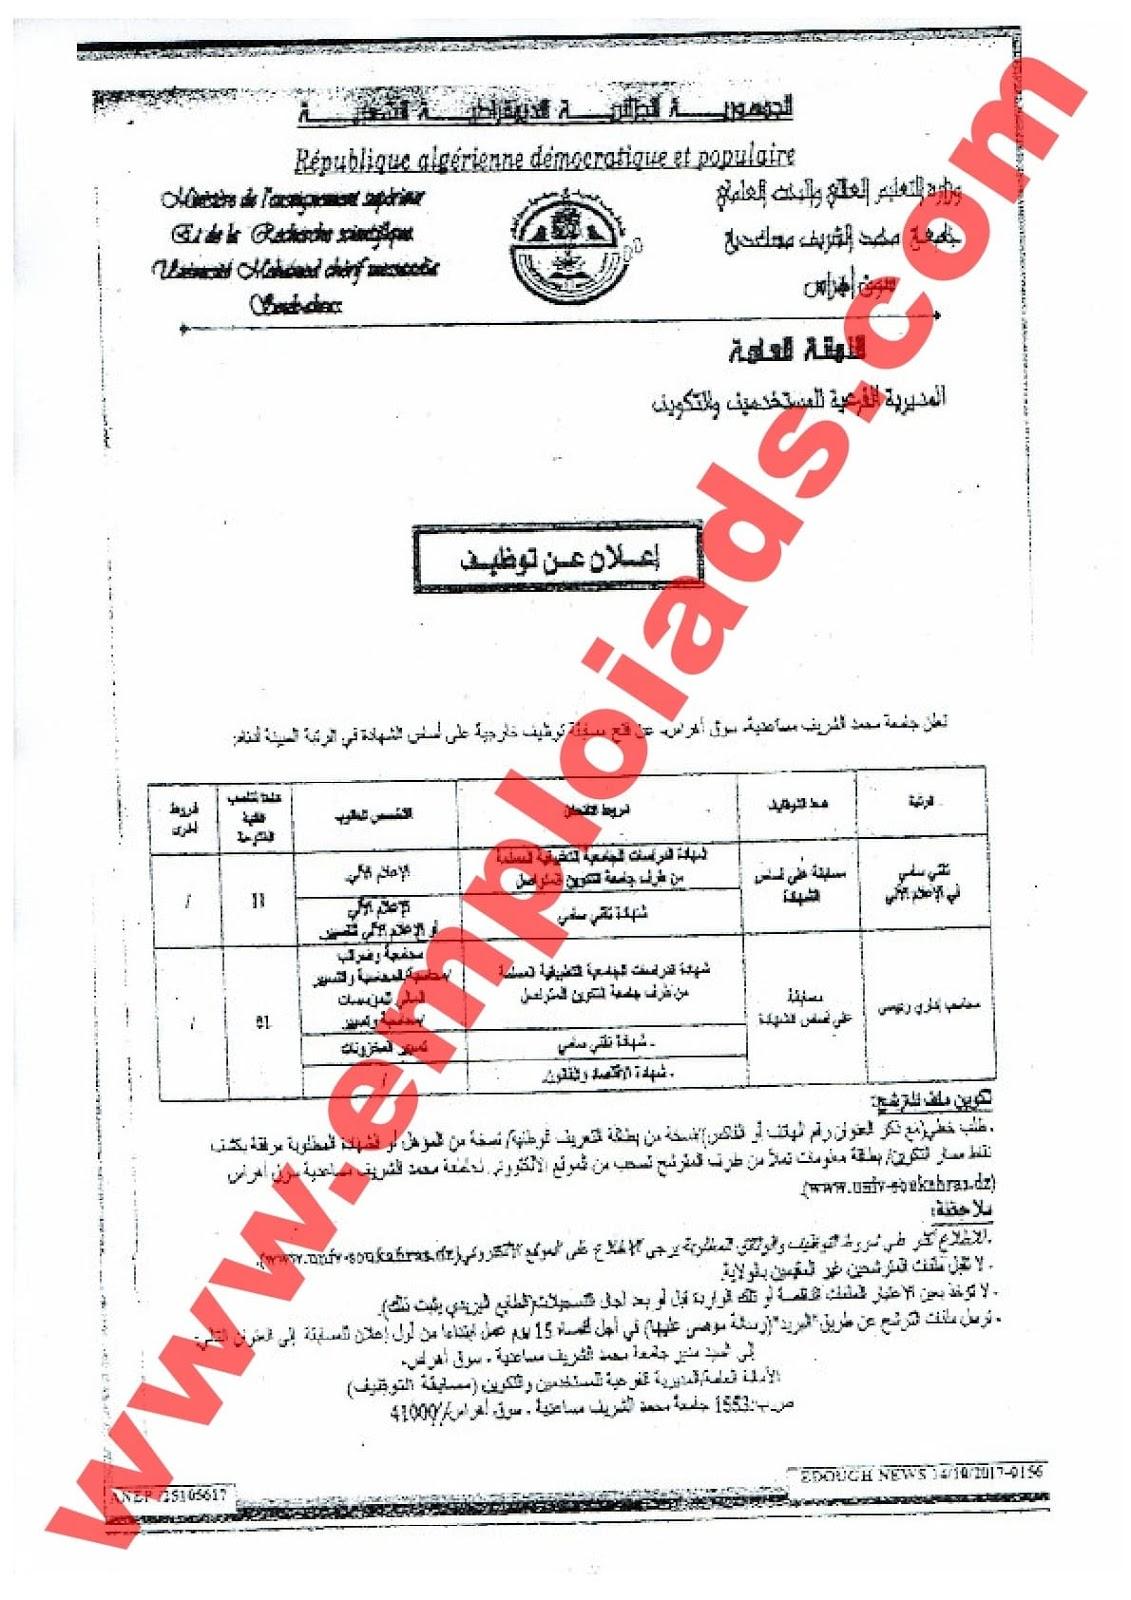 اعلان مسابقة توظيف بجامعة محمد الشريف مساعدية ولاية سوق اهراس اكتوبر 2017